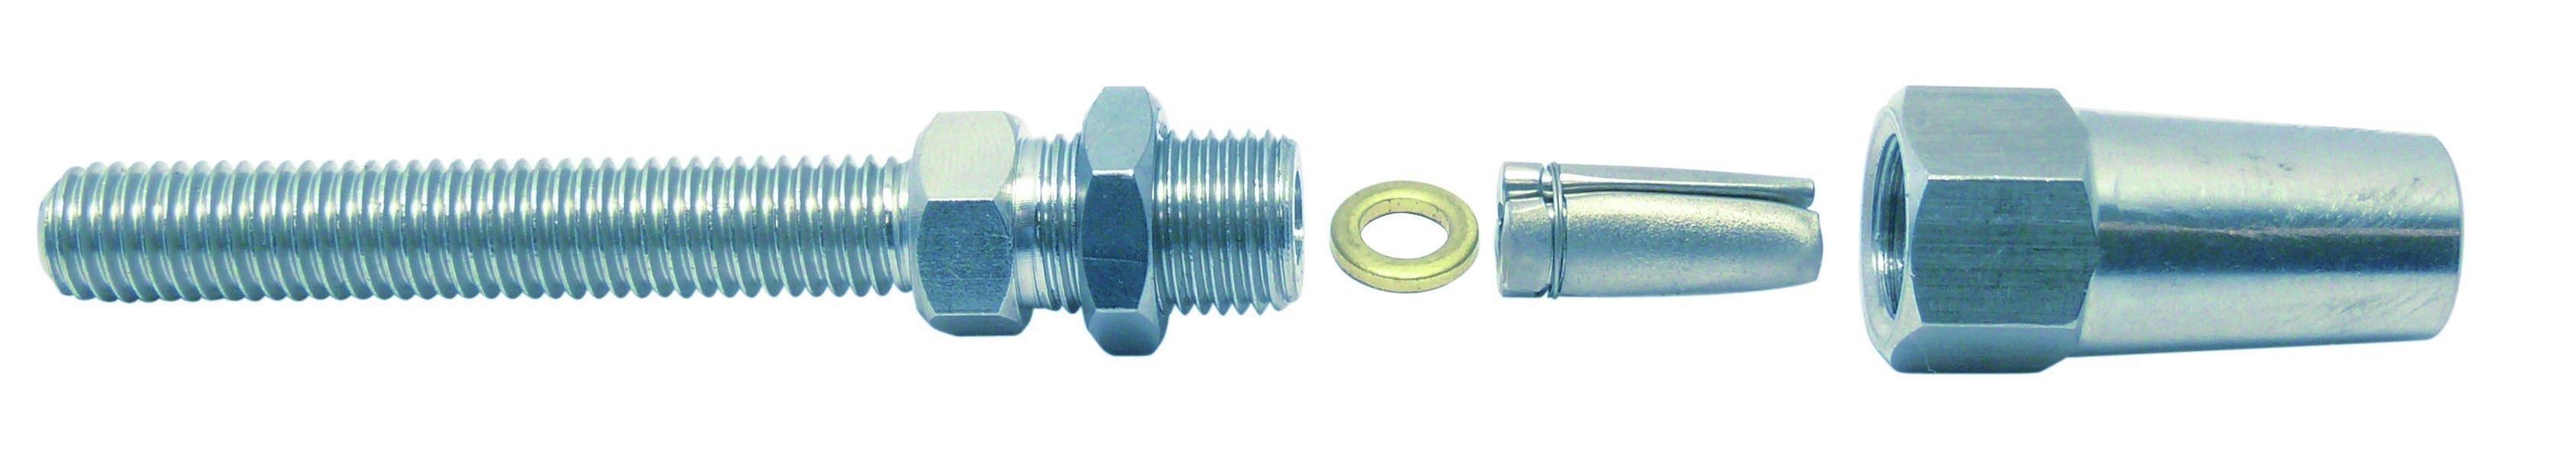 DHZ-schroefdraadterminal 4mm RVS A4 1 stuks